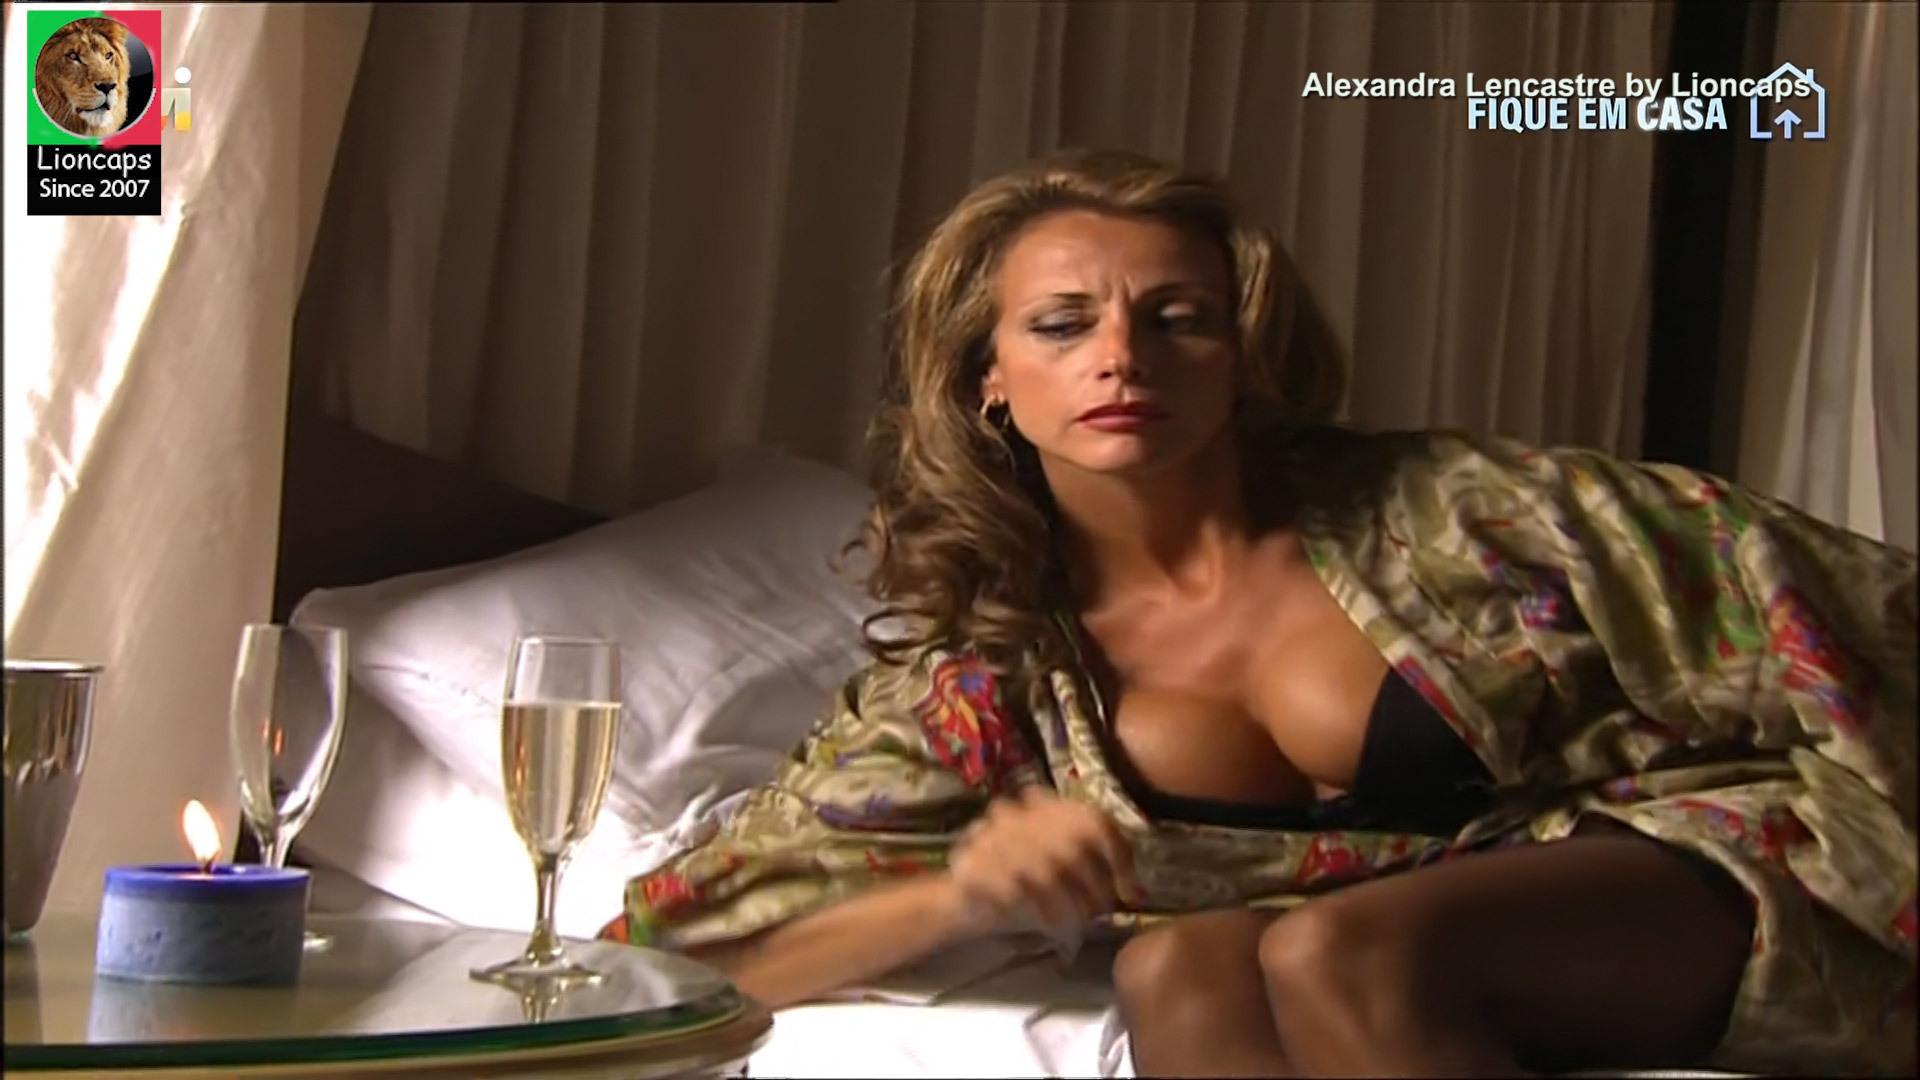 alexandra_lencastre_fascinios_lioncaps_27_04_2021 (2).jpg